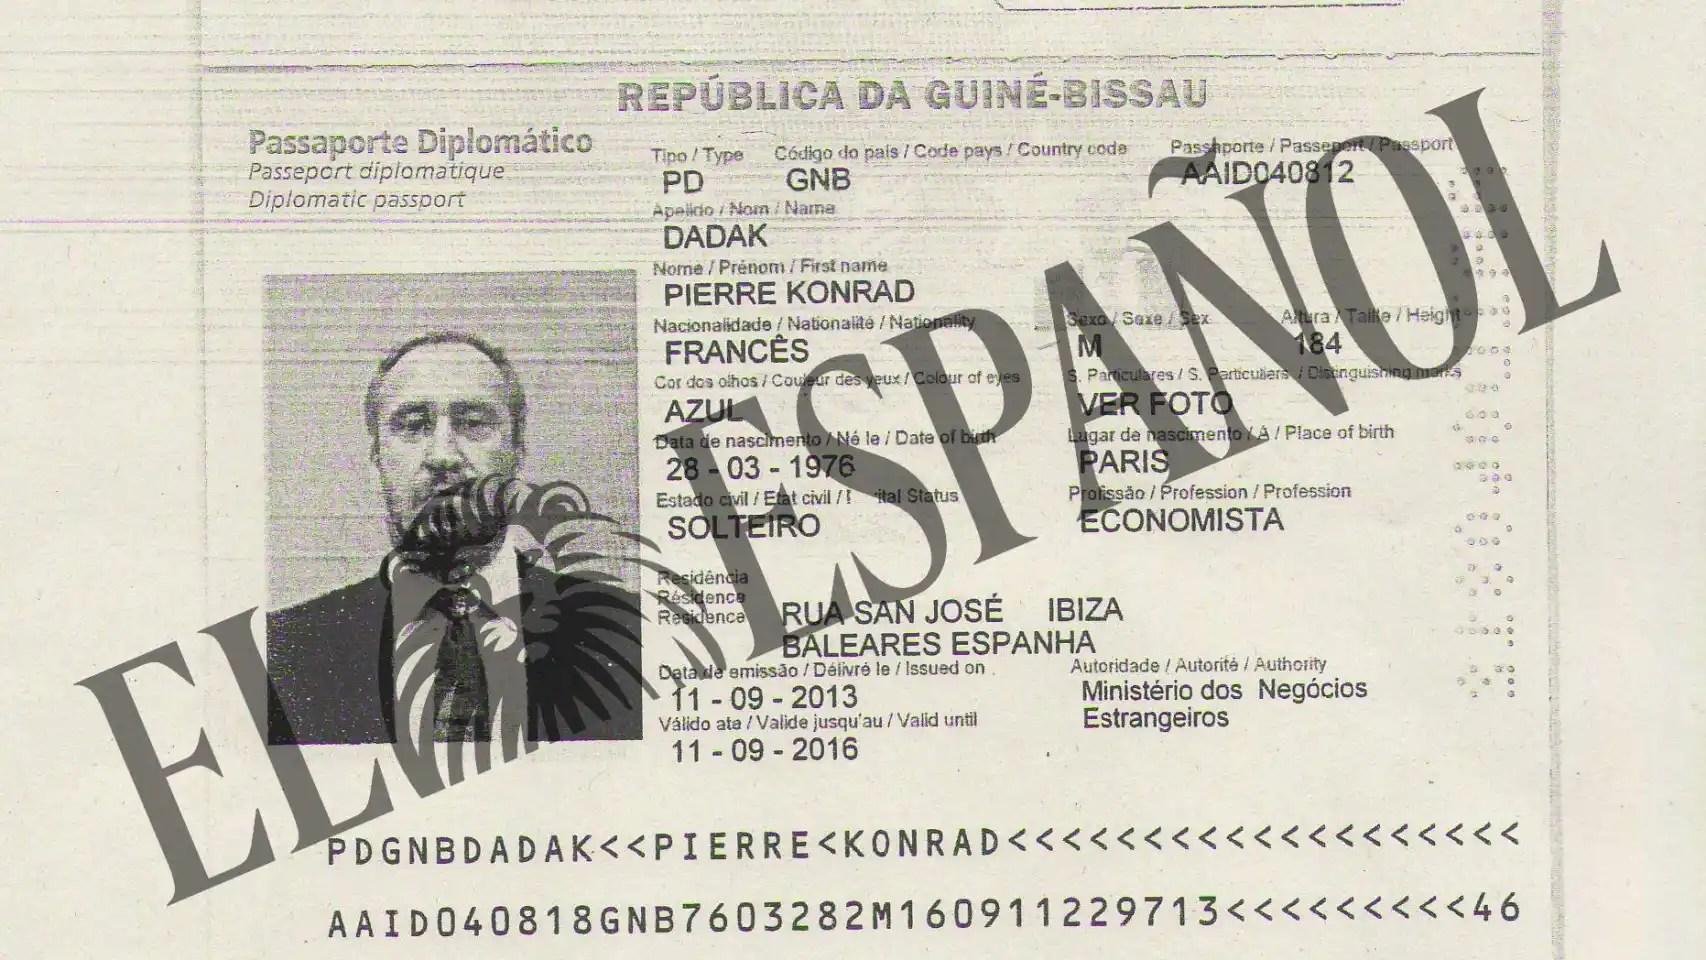 https://i0.wp.com/s2.eestatic.com/2016/07/24/espana/politica/Politica_142498420_10503528_1706x960.jpg